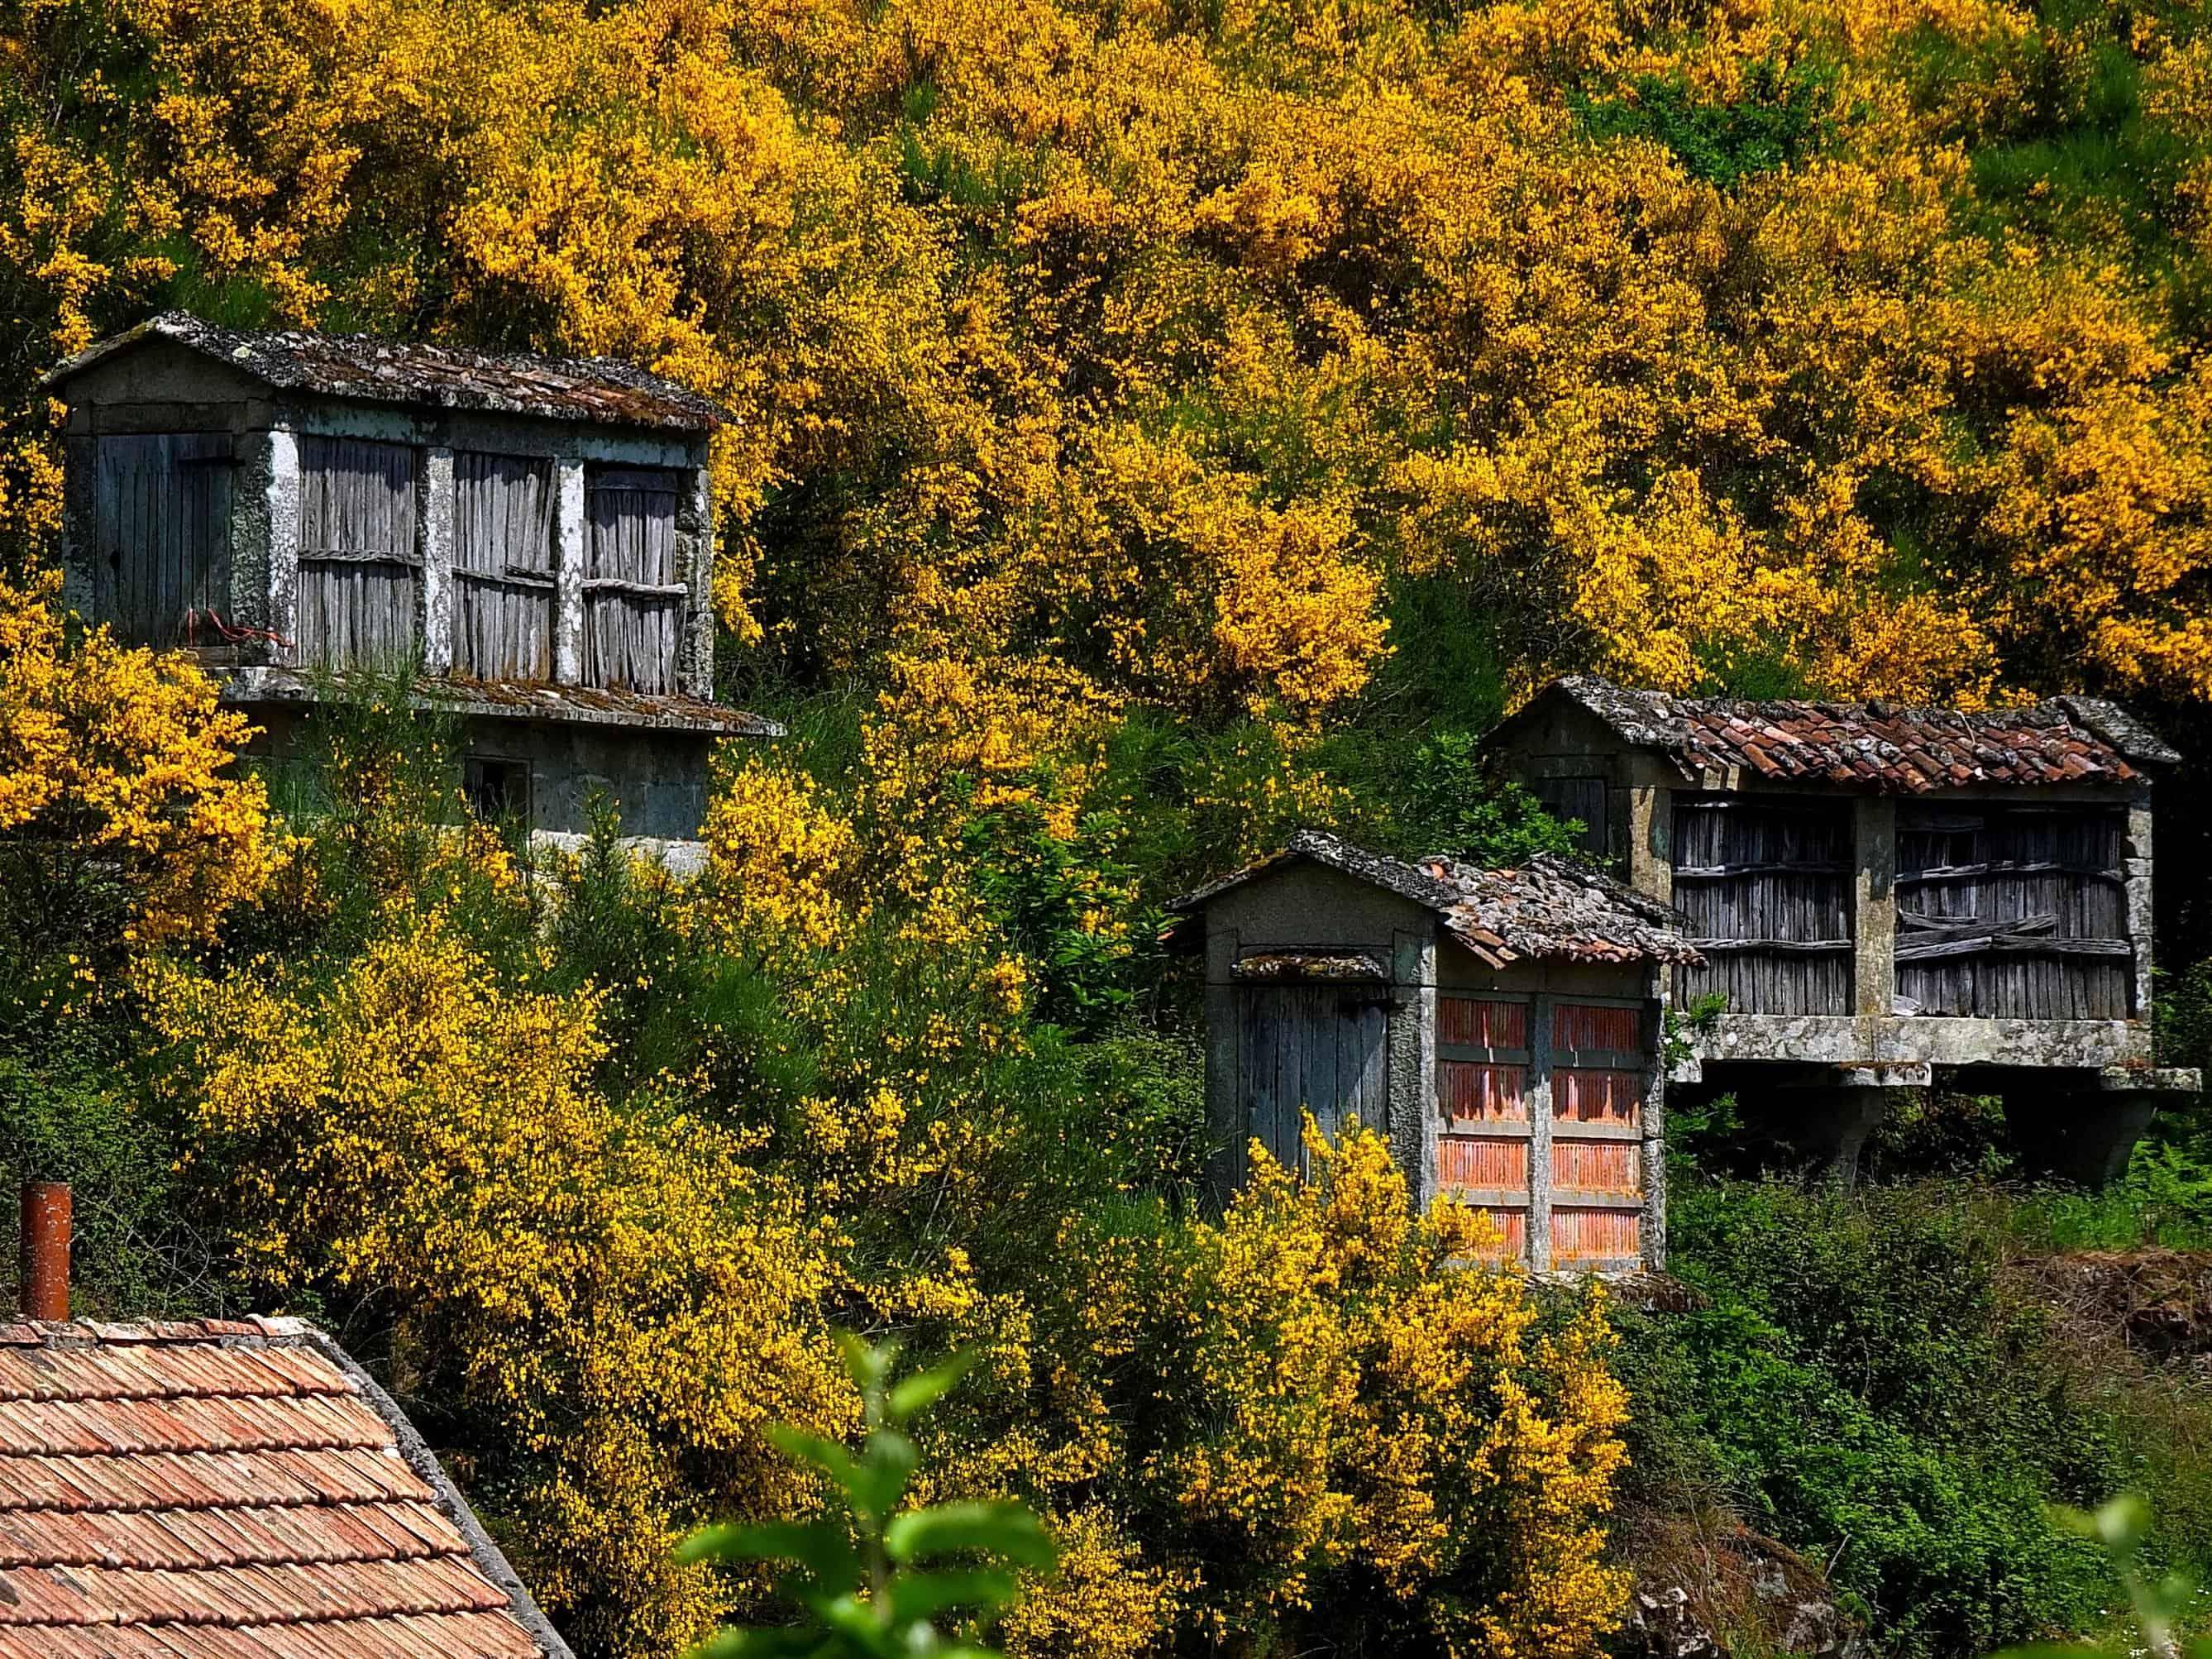 Kostenlose Bild: Holz, Haus, rustikal, Architektur, außen, Bungalow ...